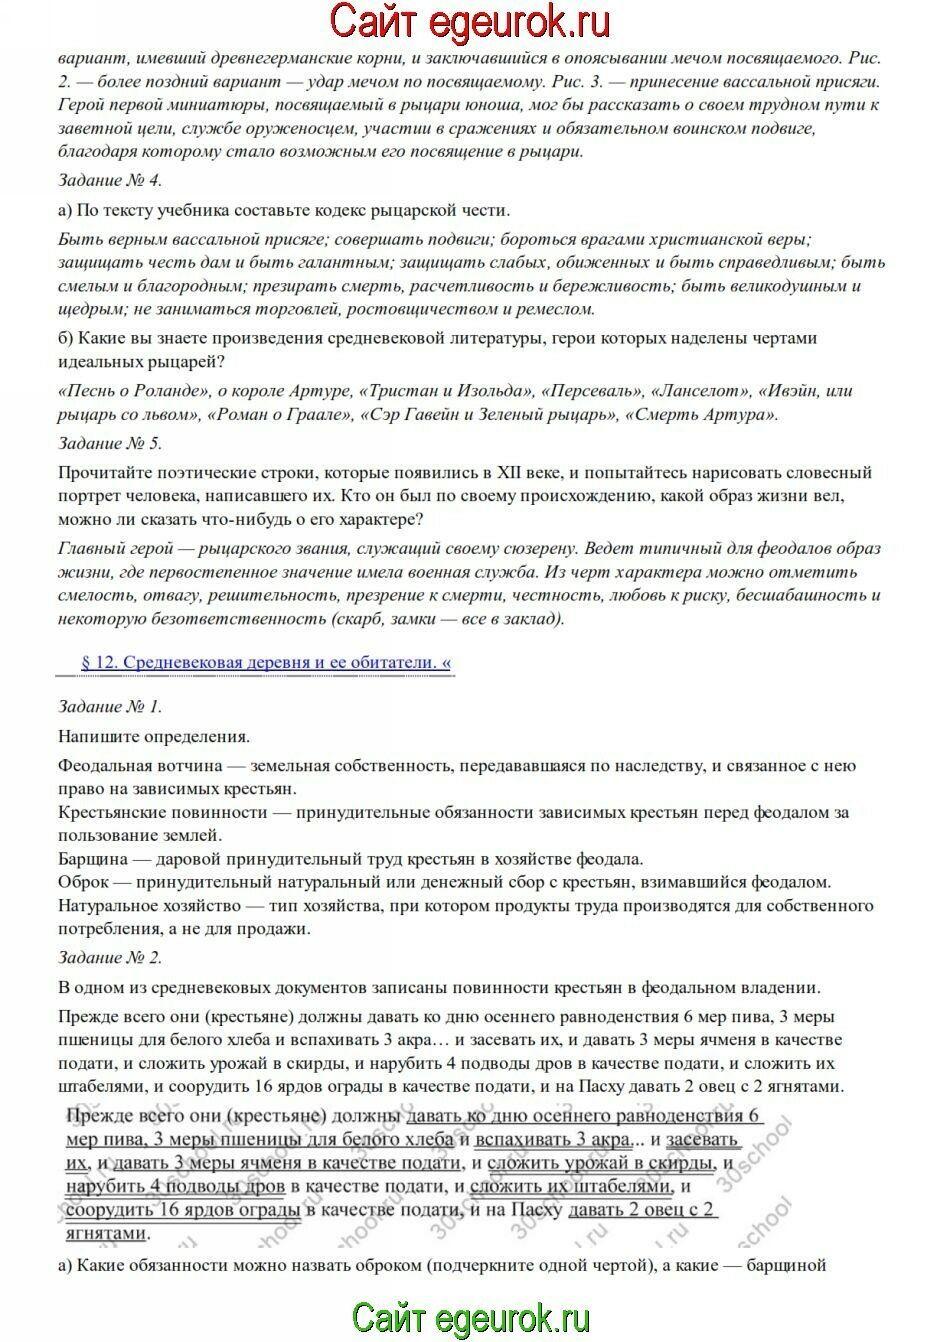 Русский язык бунеев и бунеева комиссарова текучева 6 класс ответы